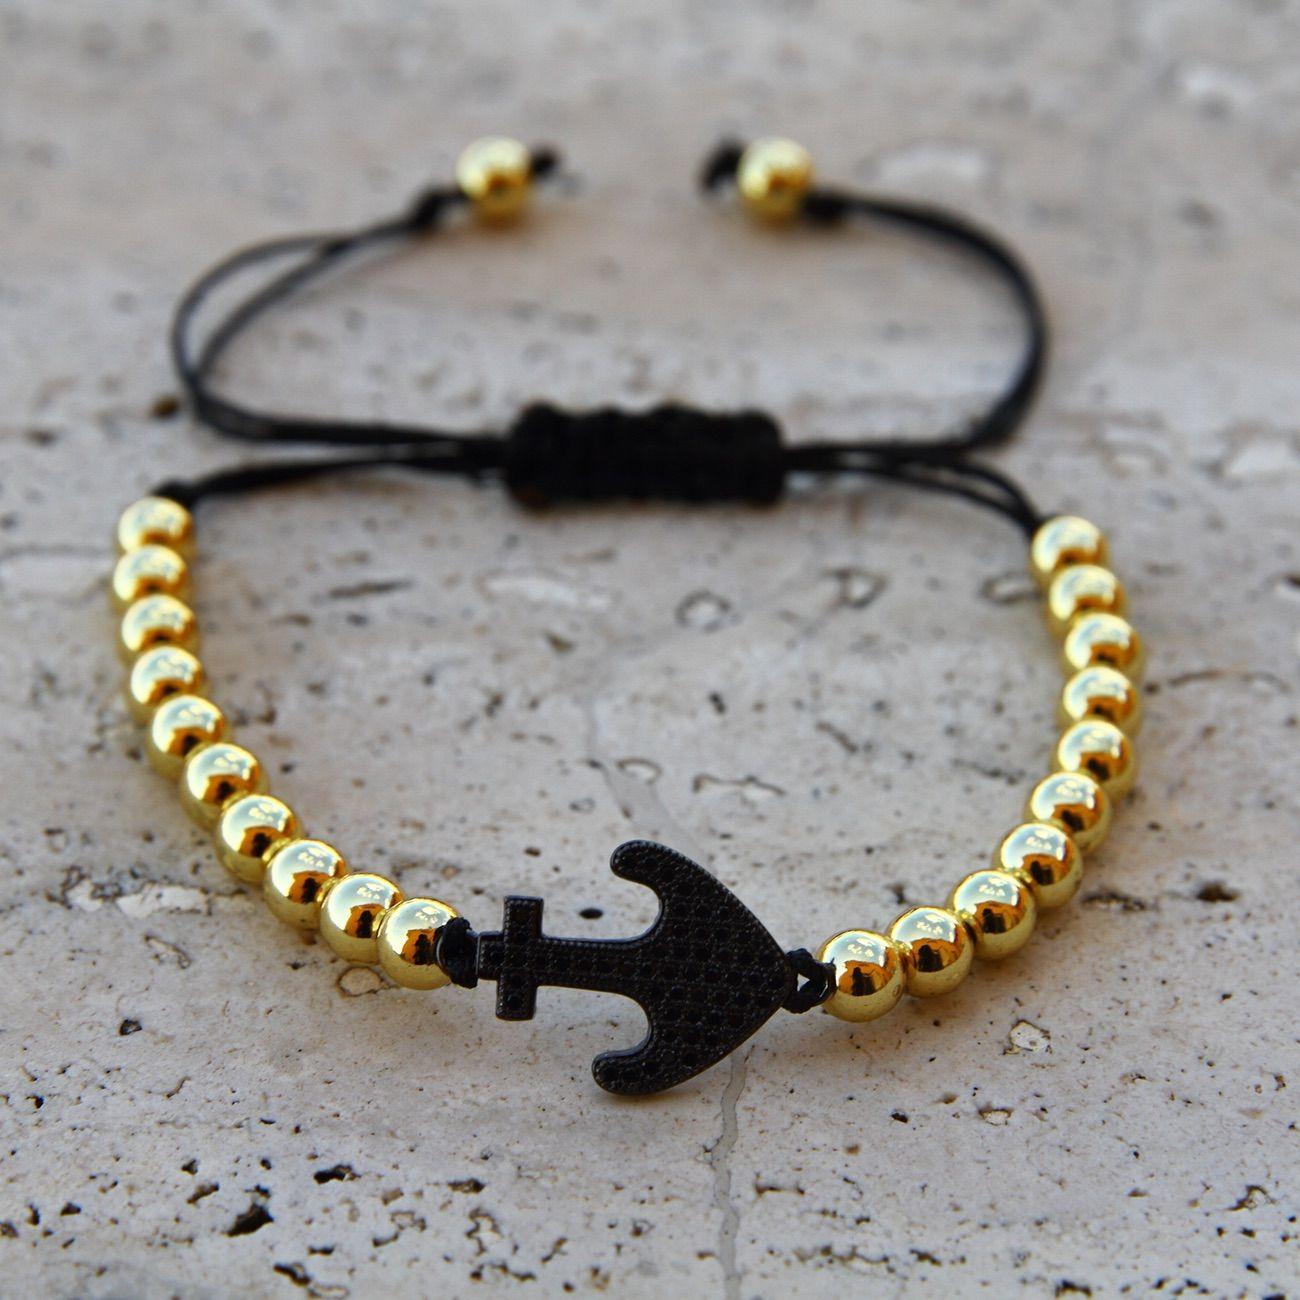 Braccialetto unisex acciaio inossidabile oro ancora black gun micro